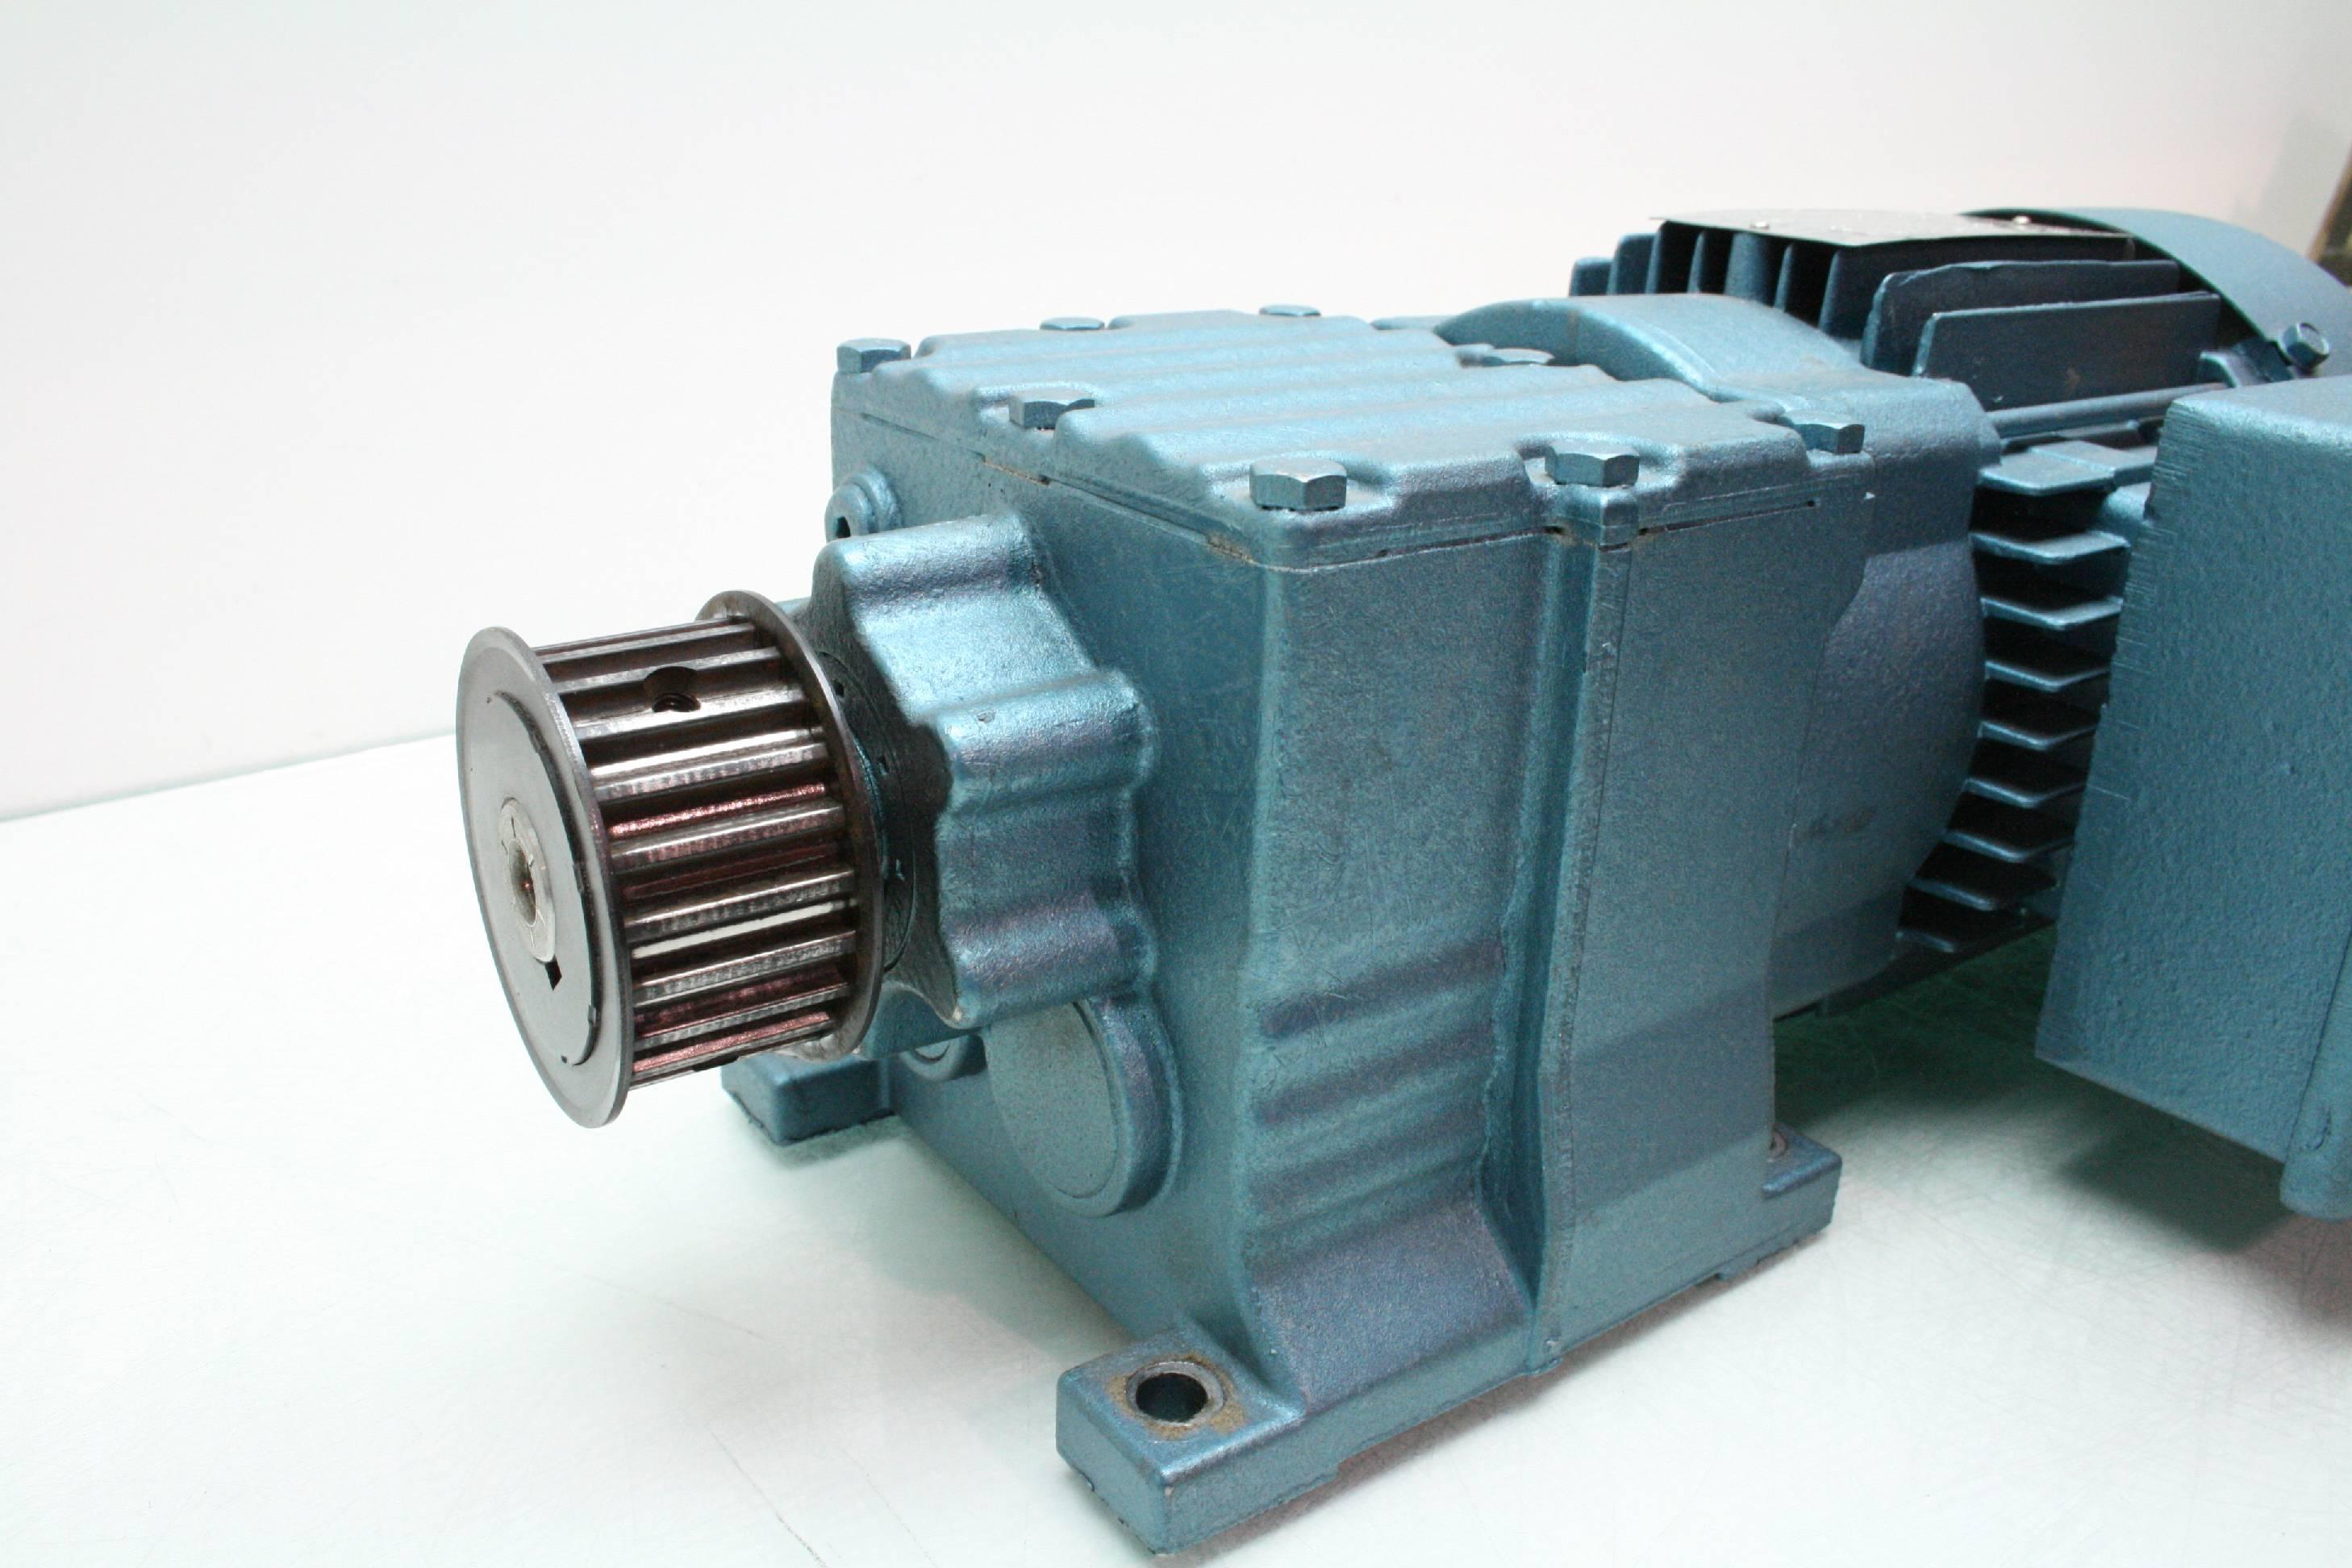 Sew Eurodrive Dft71c4 Gear Motor 1 3 Hp R17dt71c4 Gearbox